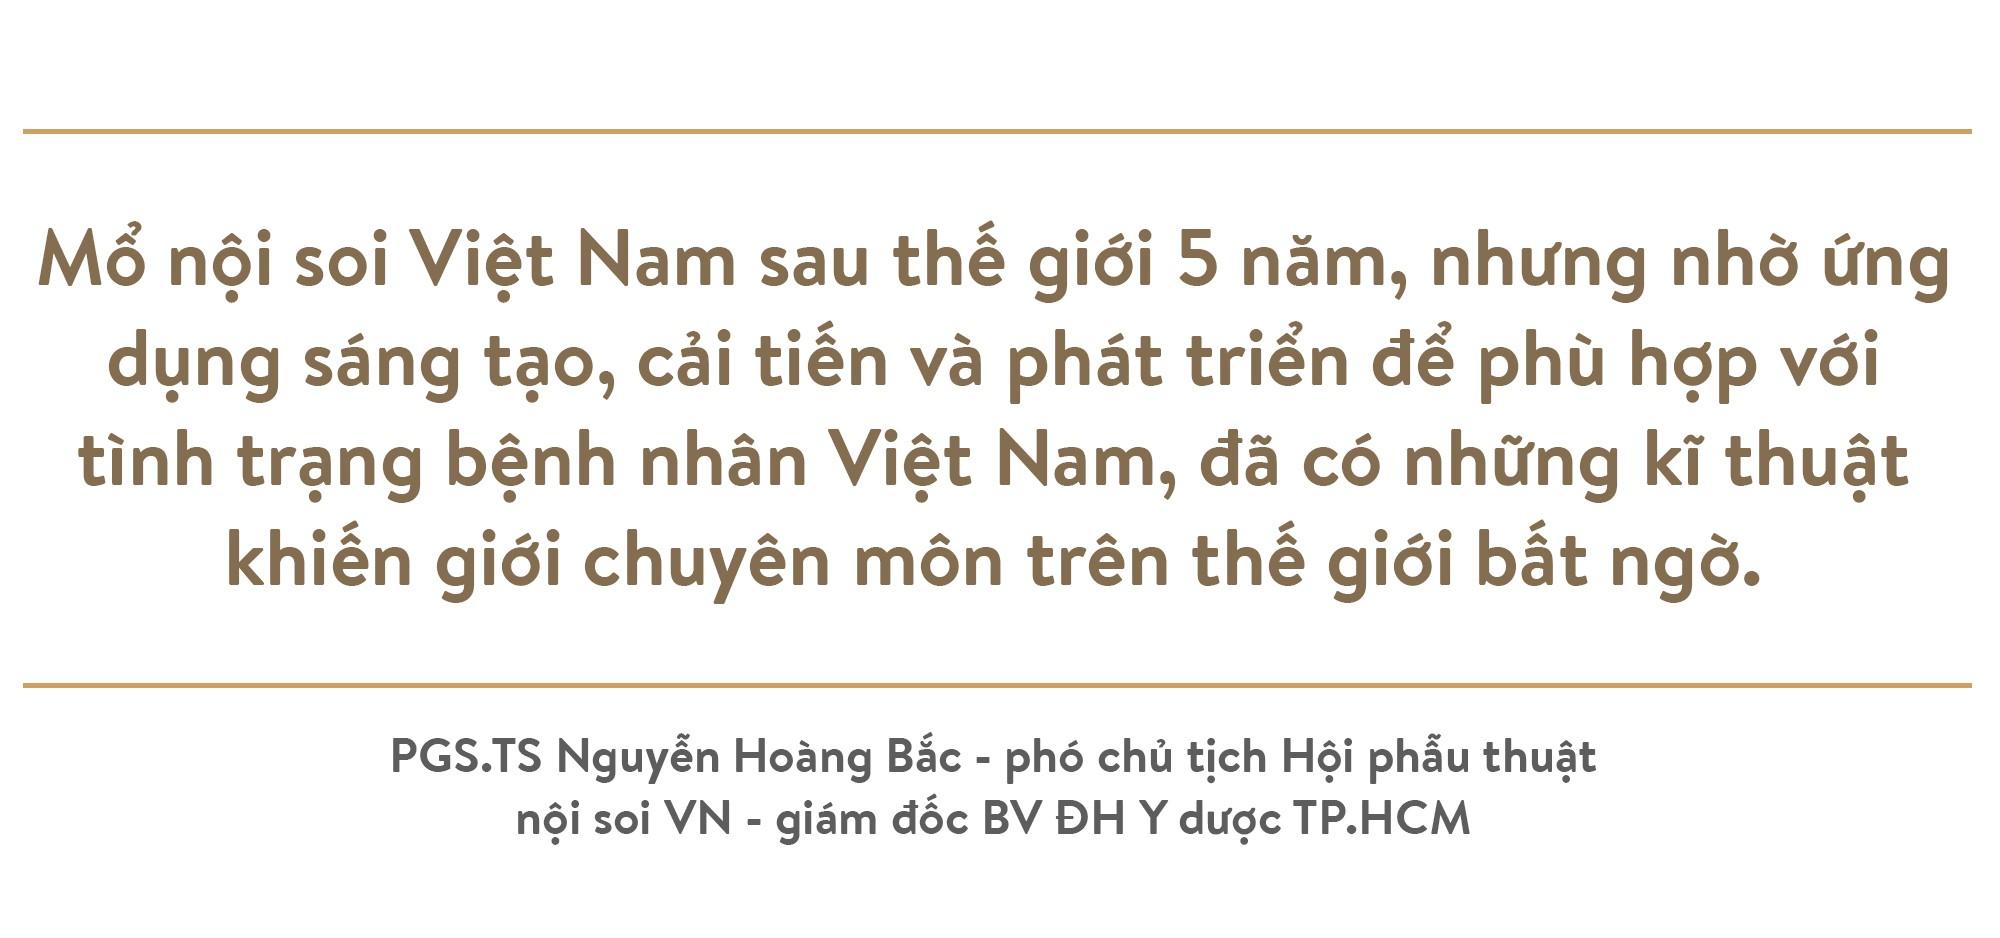 Mổ nội soi - hành trình Việt Nam vươn lên hàng đầu khu vực - Ảnh 22.